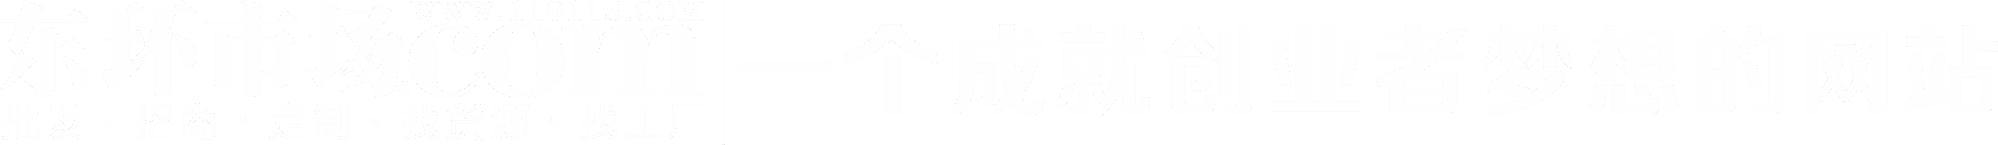 东环市场网一个成就创业者梦想的网站!